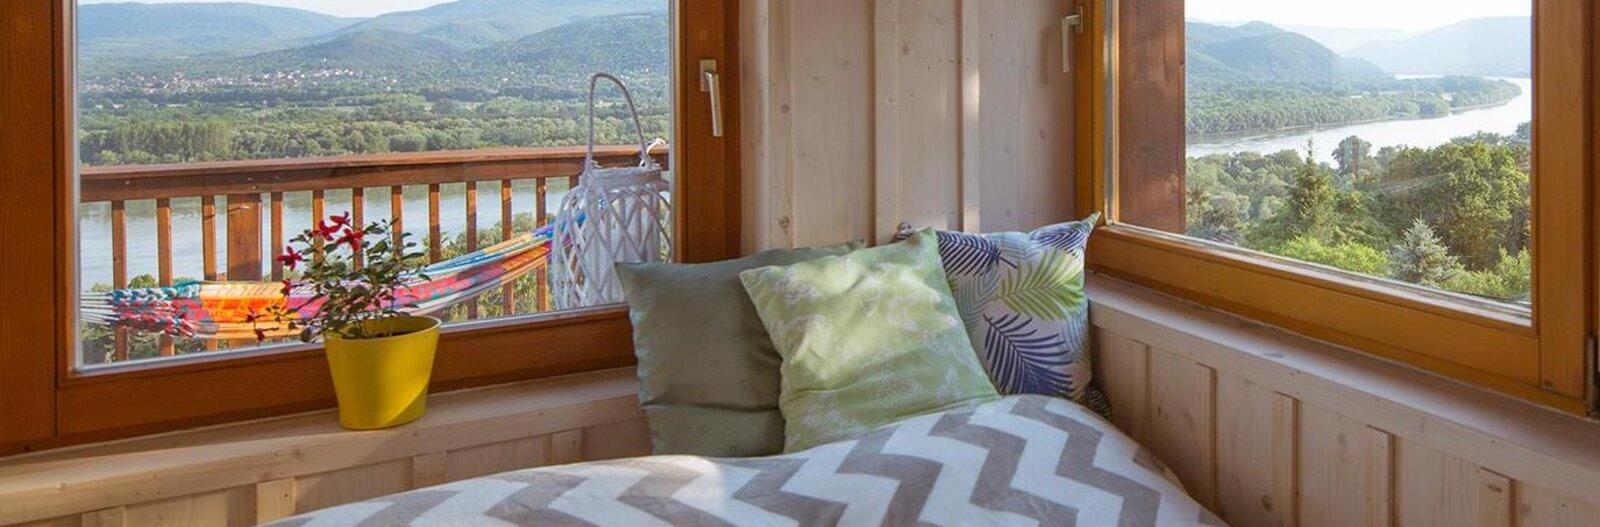 7 különleges szállás a Dunakanyarban, ha számít, hol alszol